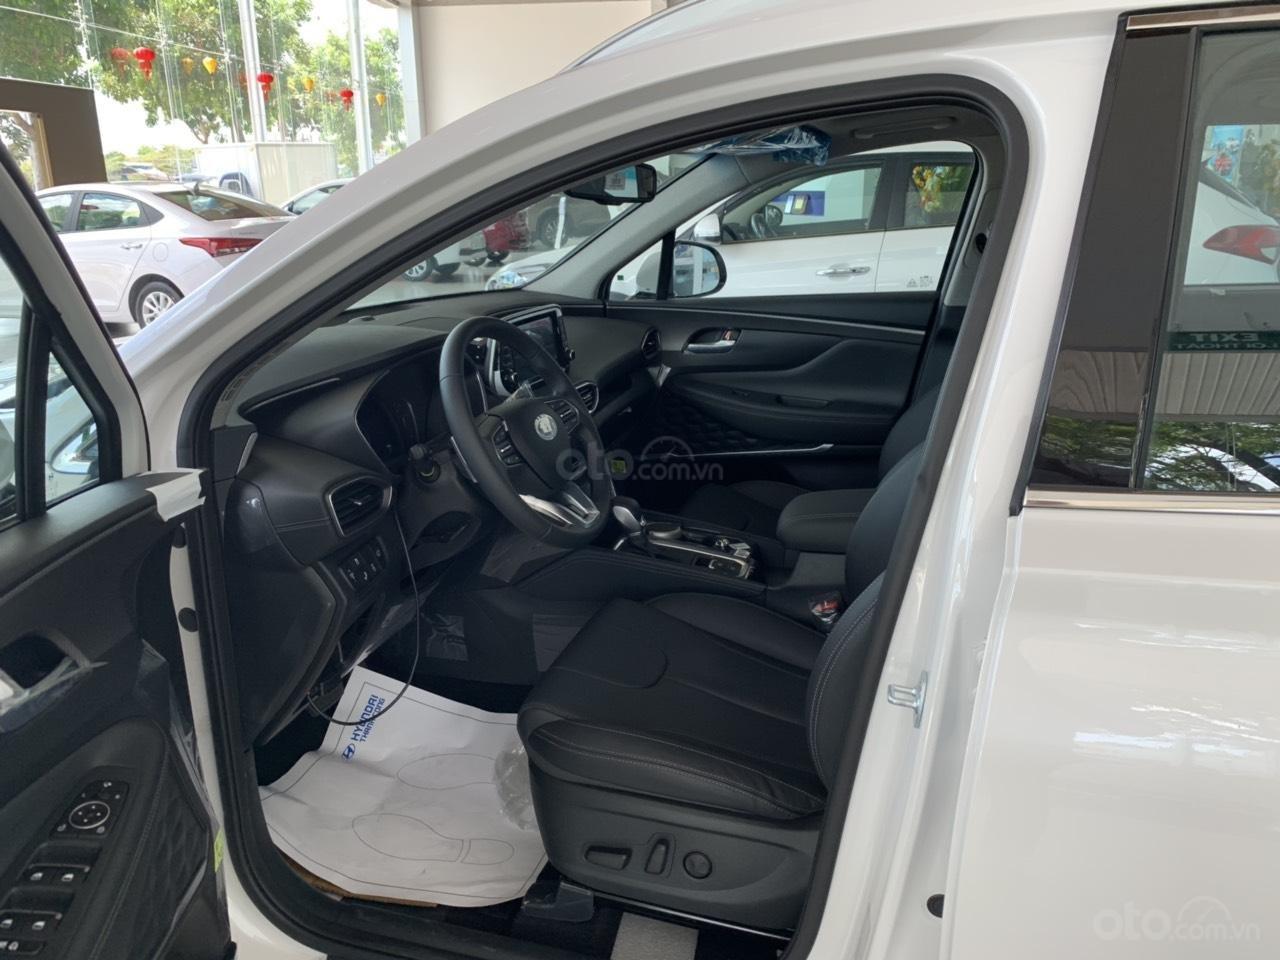 Hyundai Santafe 2019, tặng full phụ kiện. Xe có sẵn giao ngay, hỗ trợ vay 80%. Lh: 0934. 79.39.69 để được tư vấn-3